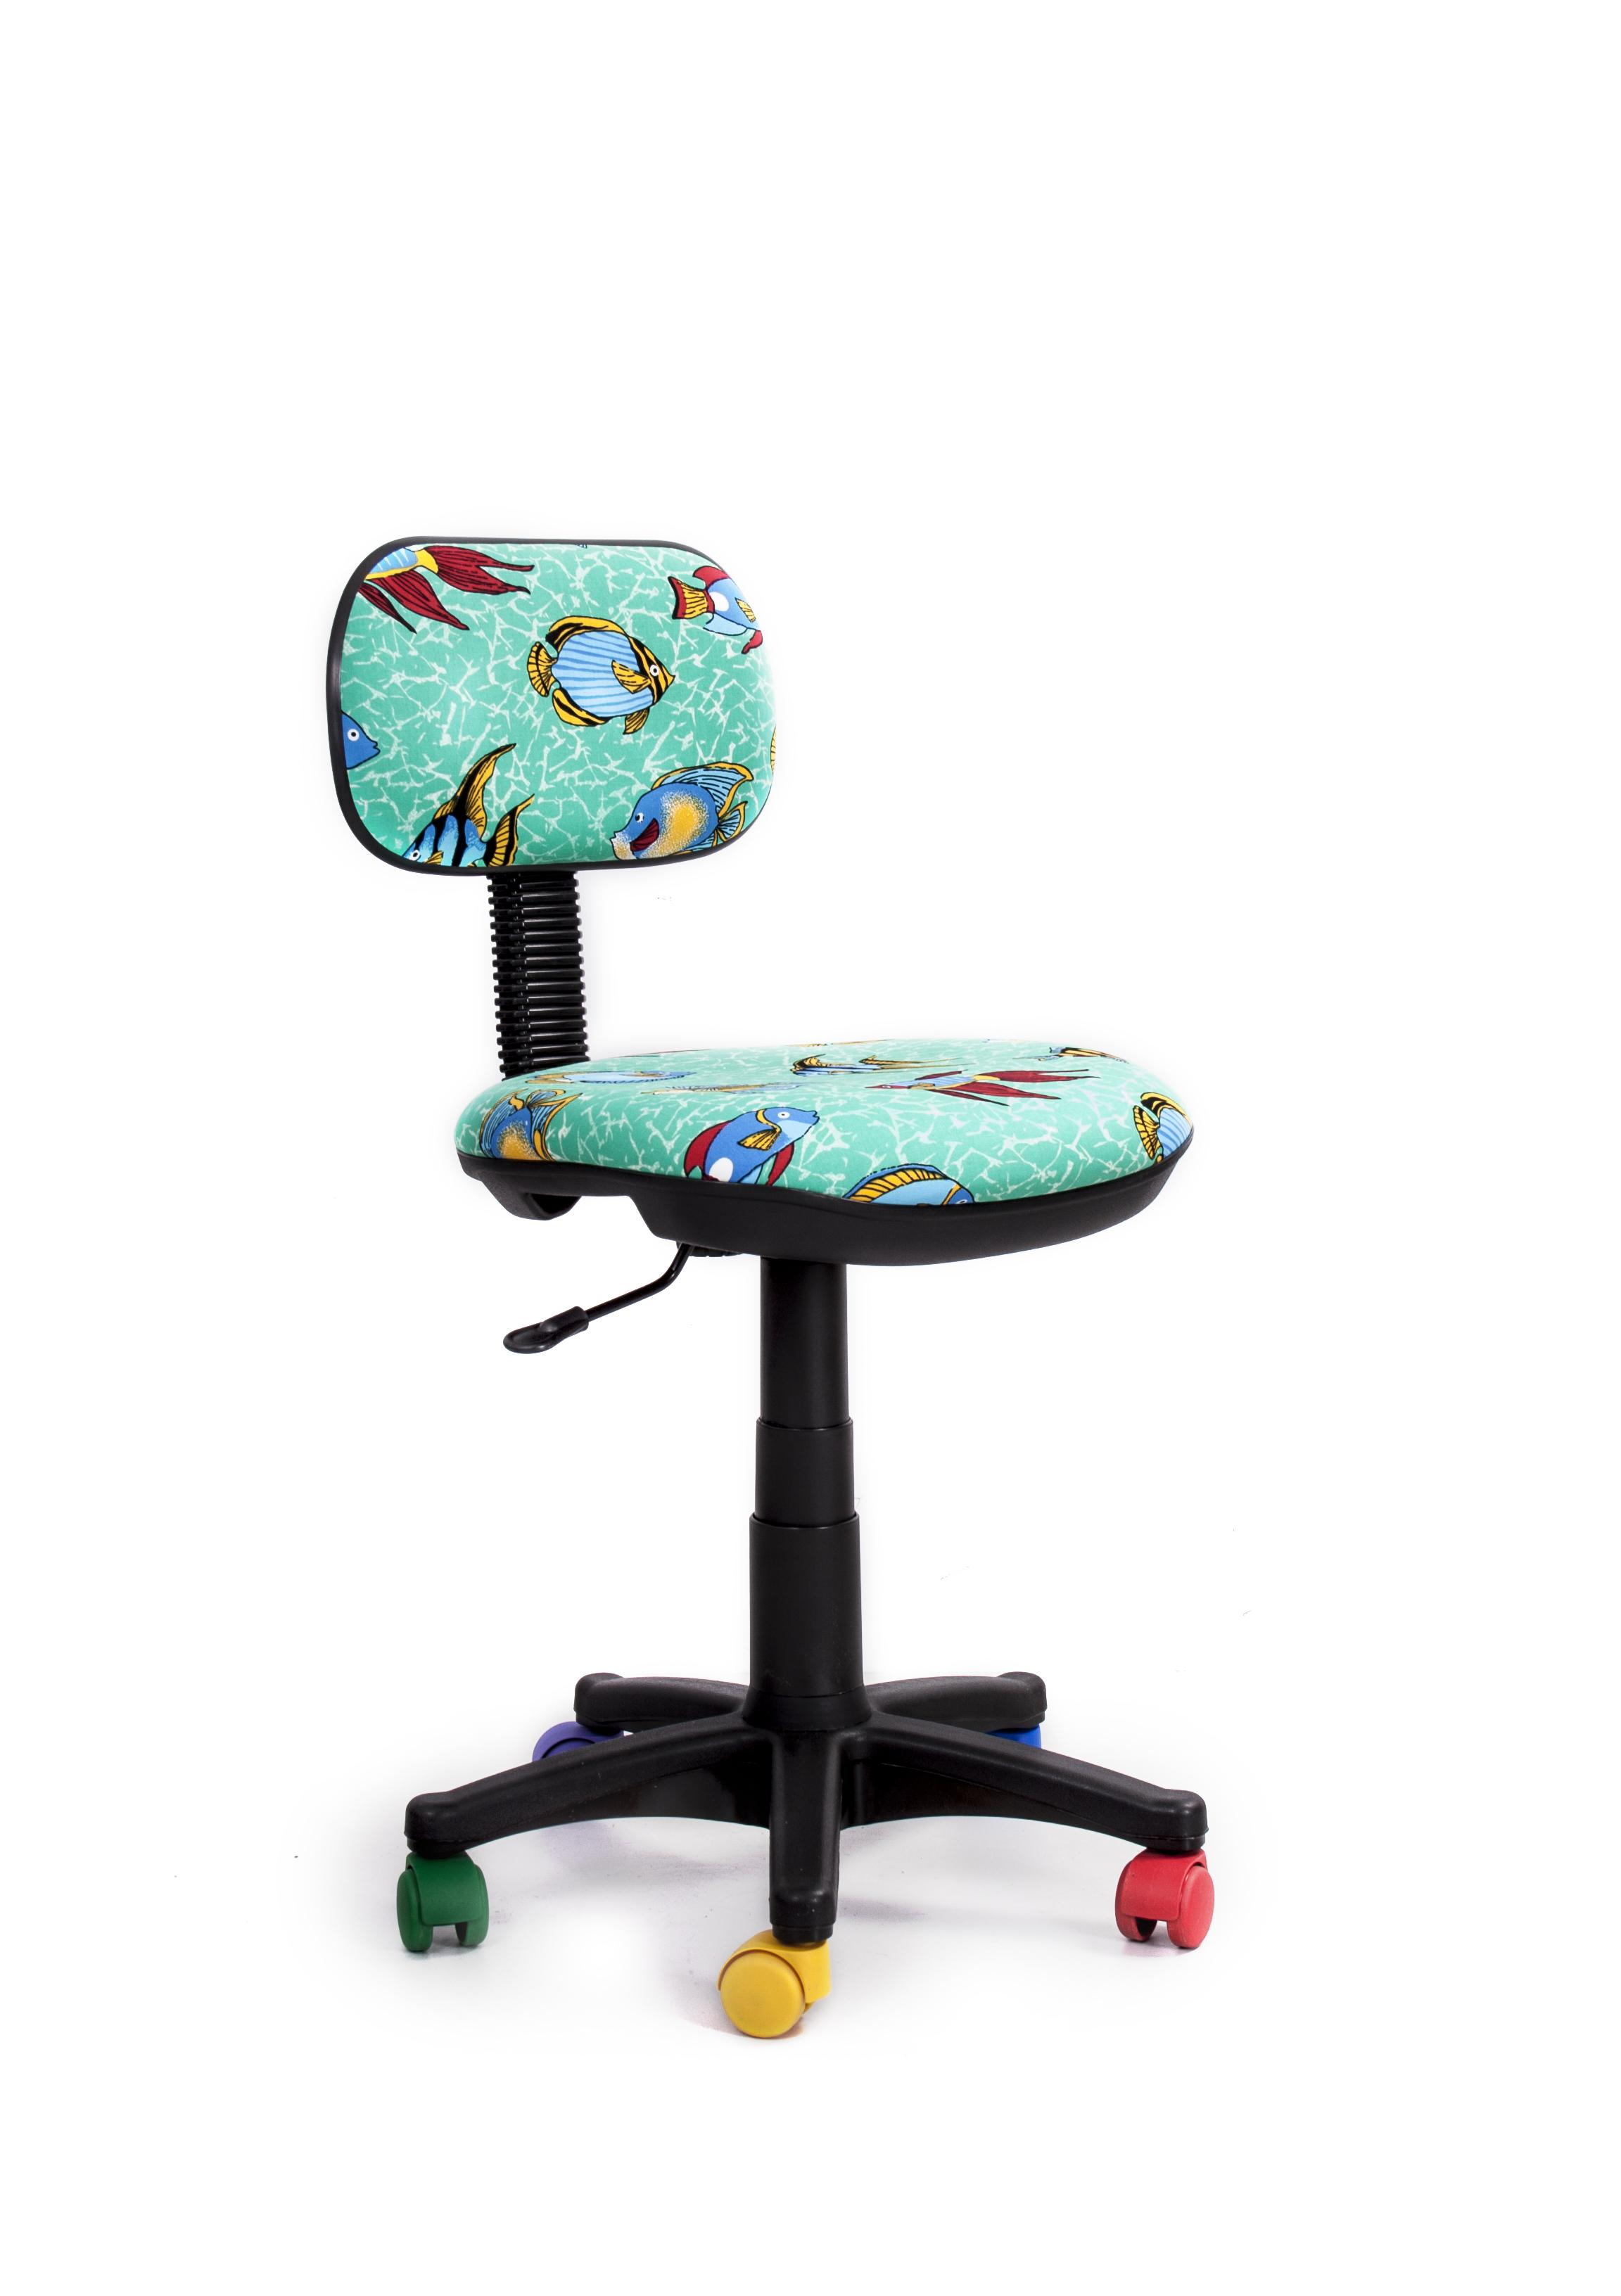 Кресло Recardo Junior D12 (разноцветные ролики, цвет обивки - бирюзовый, рисунок на обивке - рыбы) russsport rs d12